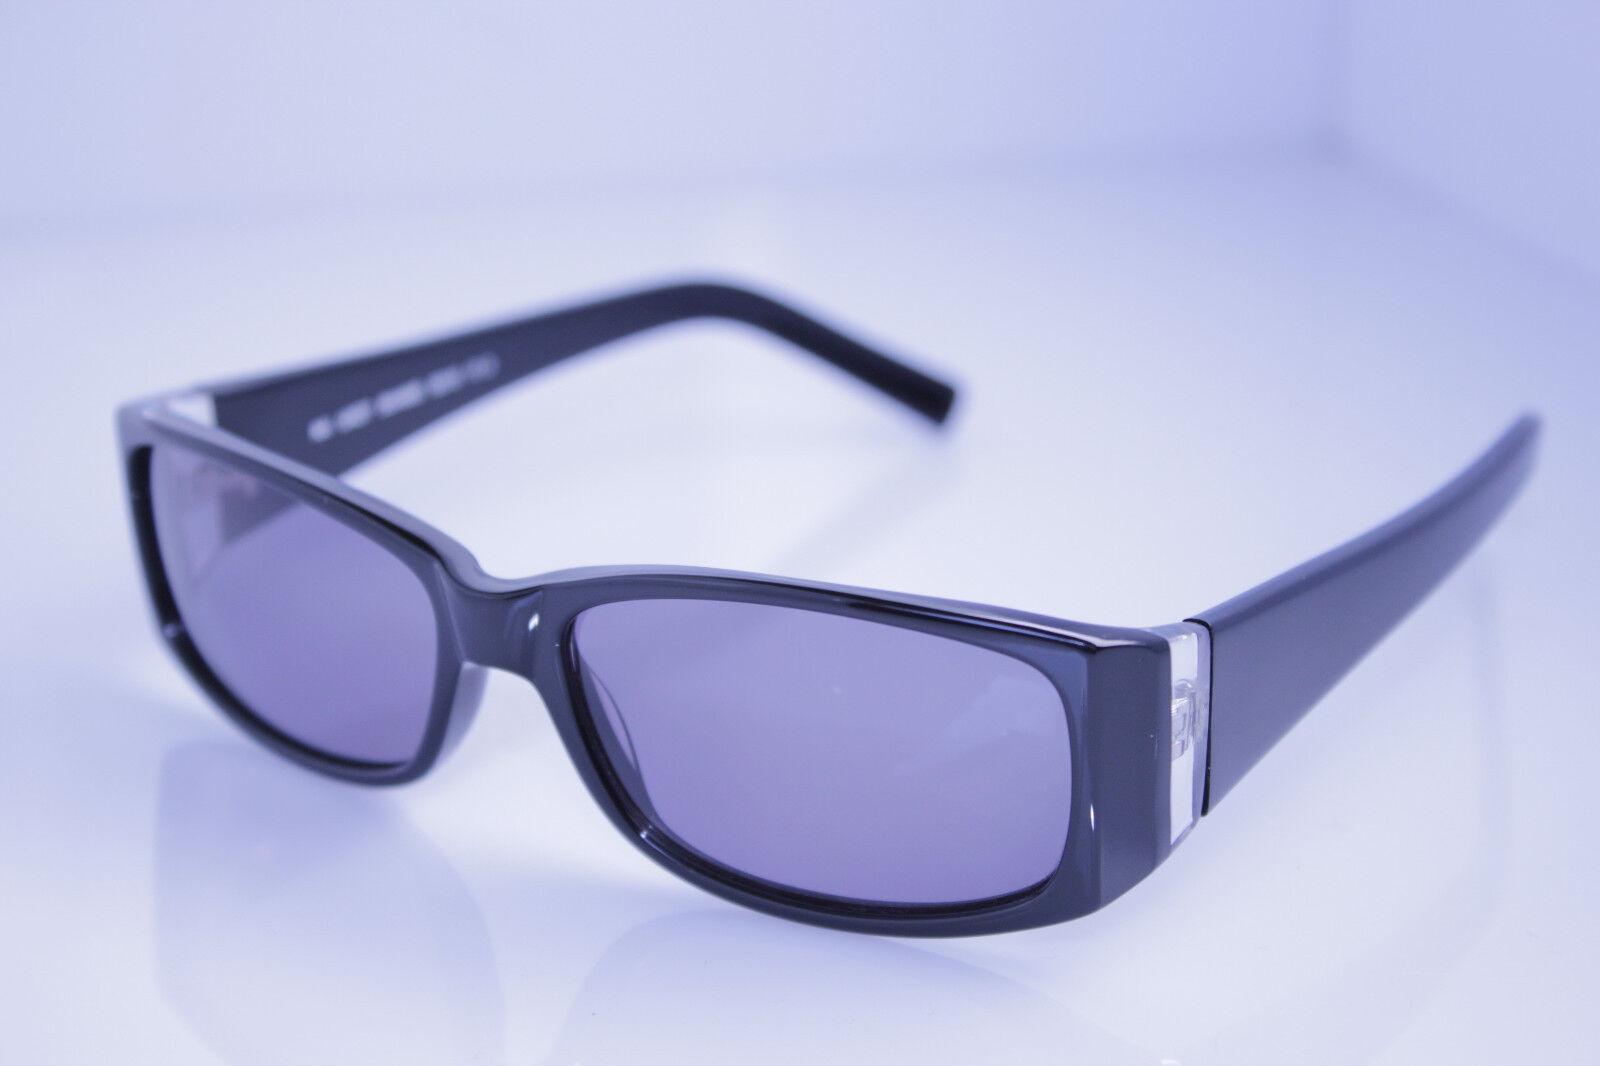 Marion Ramm 29 466 S 53 15 NA UND Sonnenbrille Markenbrille Brille Gestell | Outlet Store Online